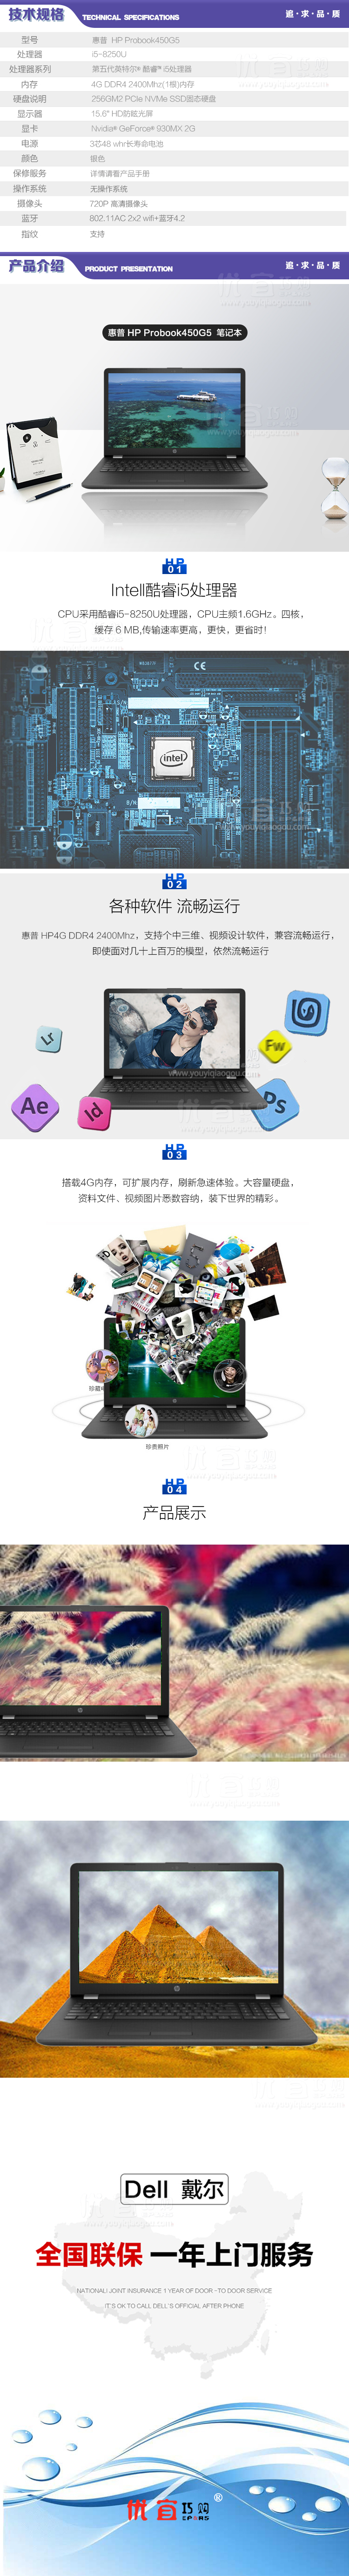 惠普 Probook450G5   I5-8250 笔记本 .jpg